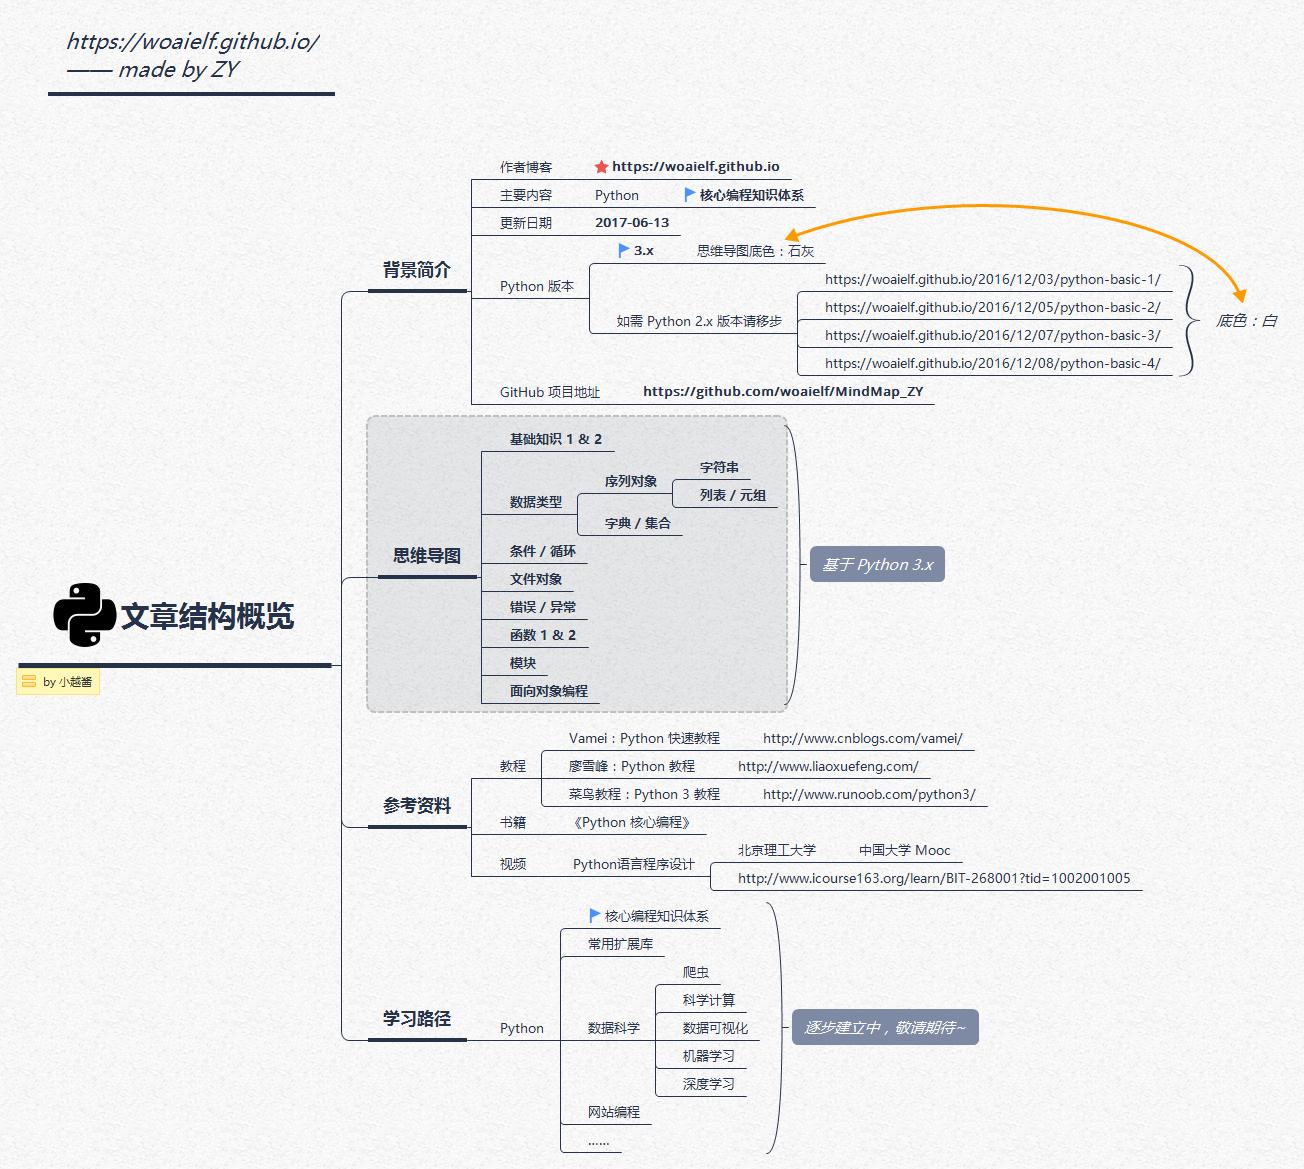 一文总结学习 Python 的 14 张思维导图